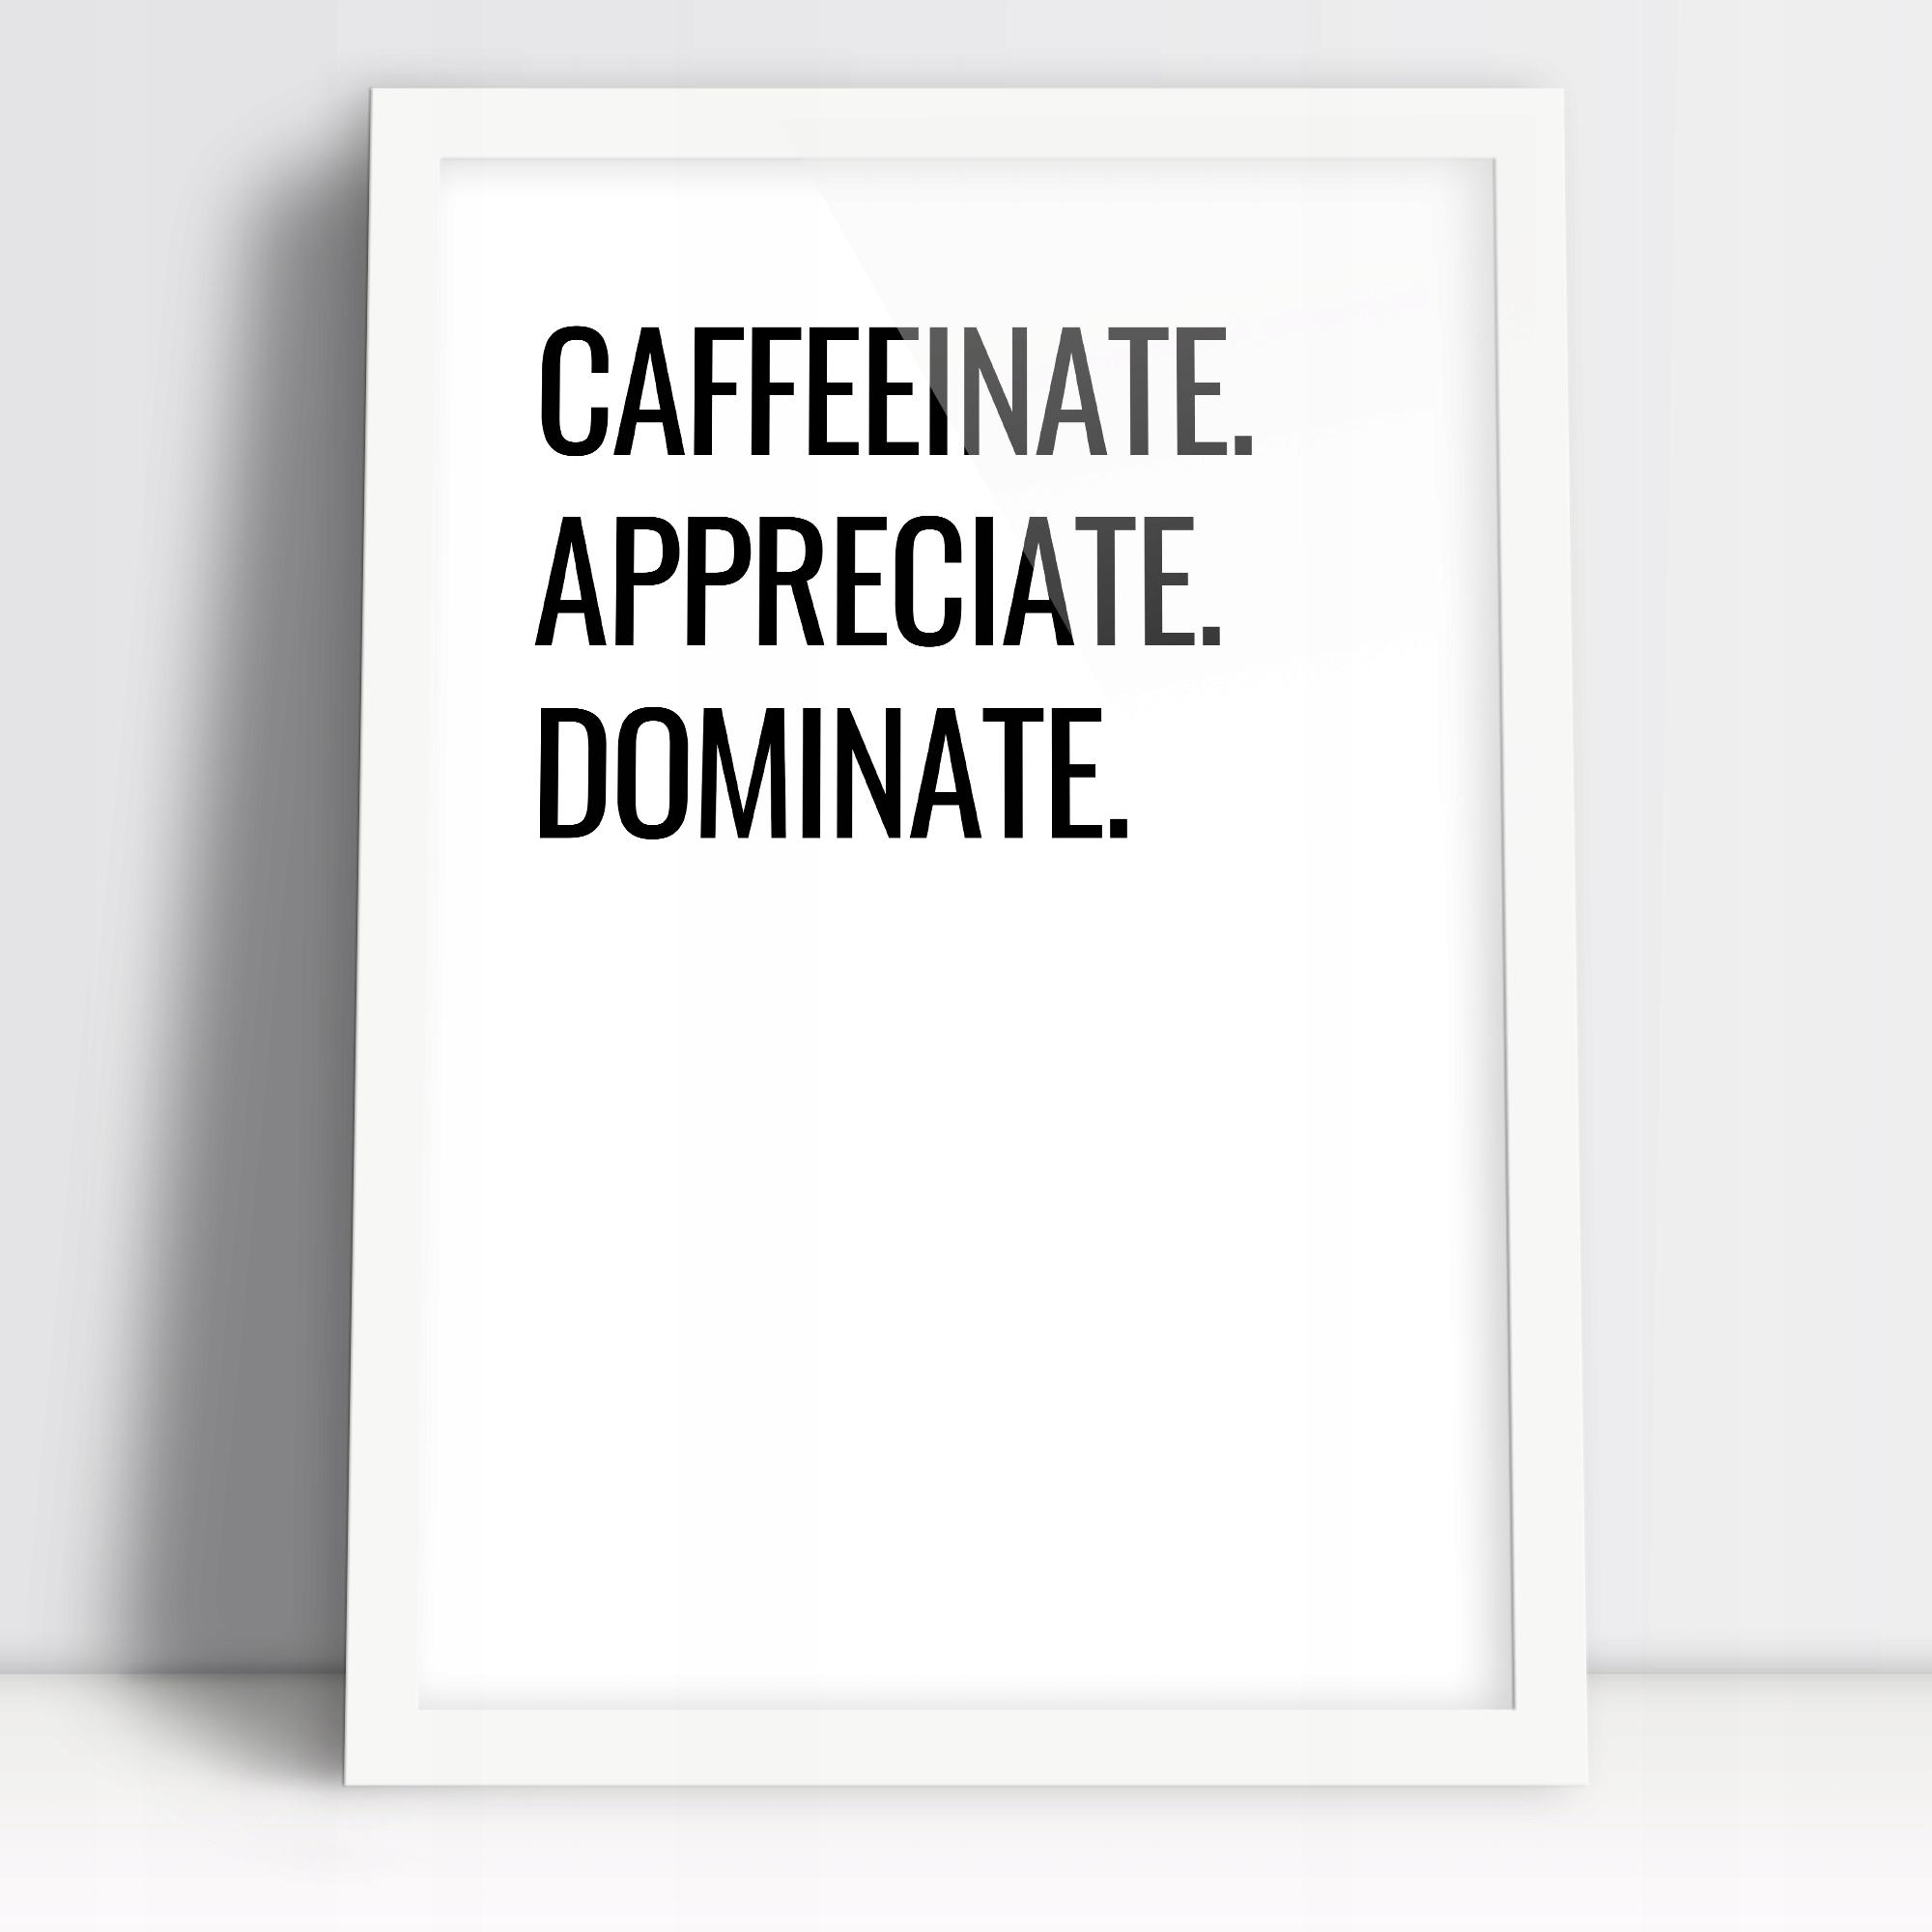 Постер для столовой и кухни в кофейной рамке А3 в рамке